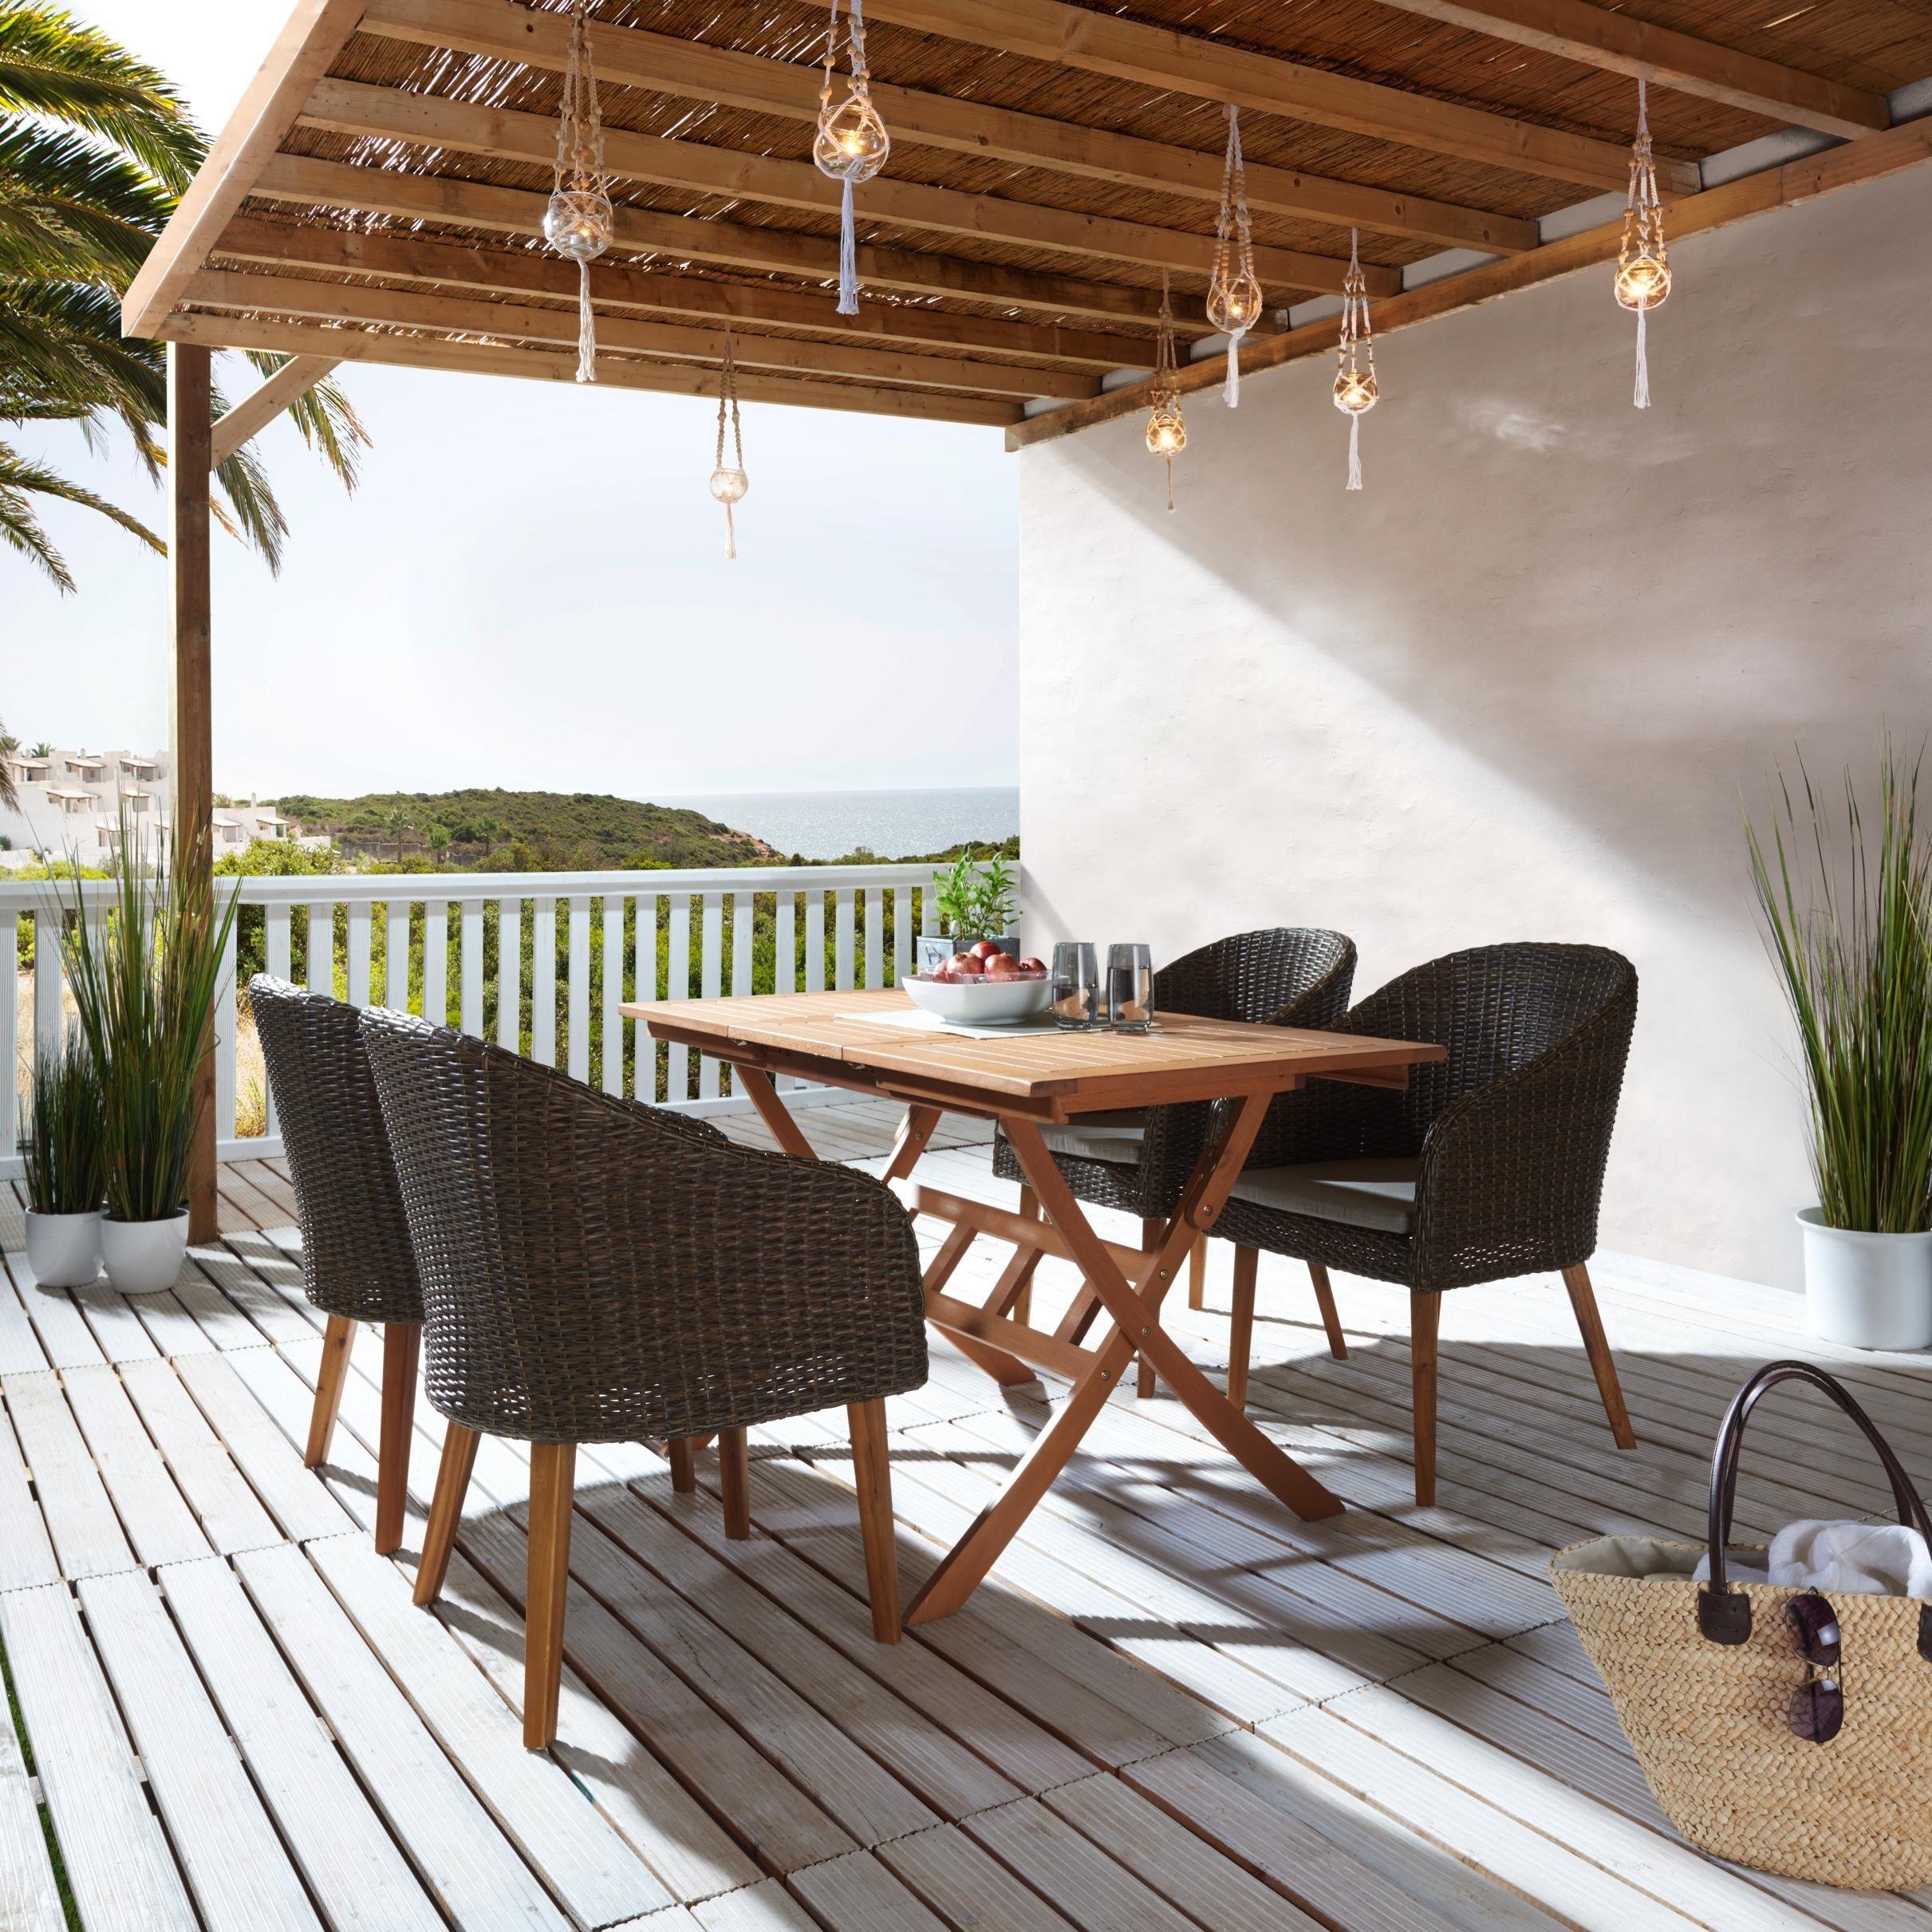 Garten Sitzgruppe aus Holz - Gemütlich und schön   Gartenparadies ...